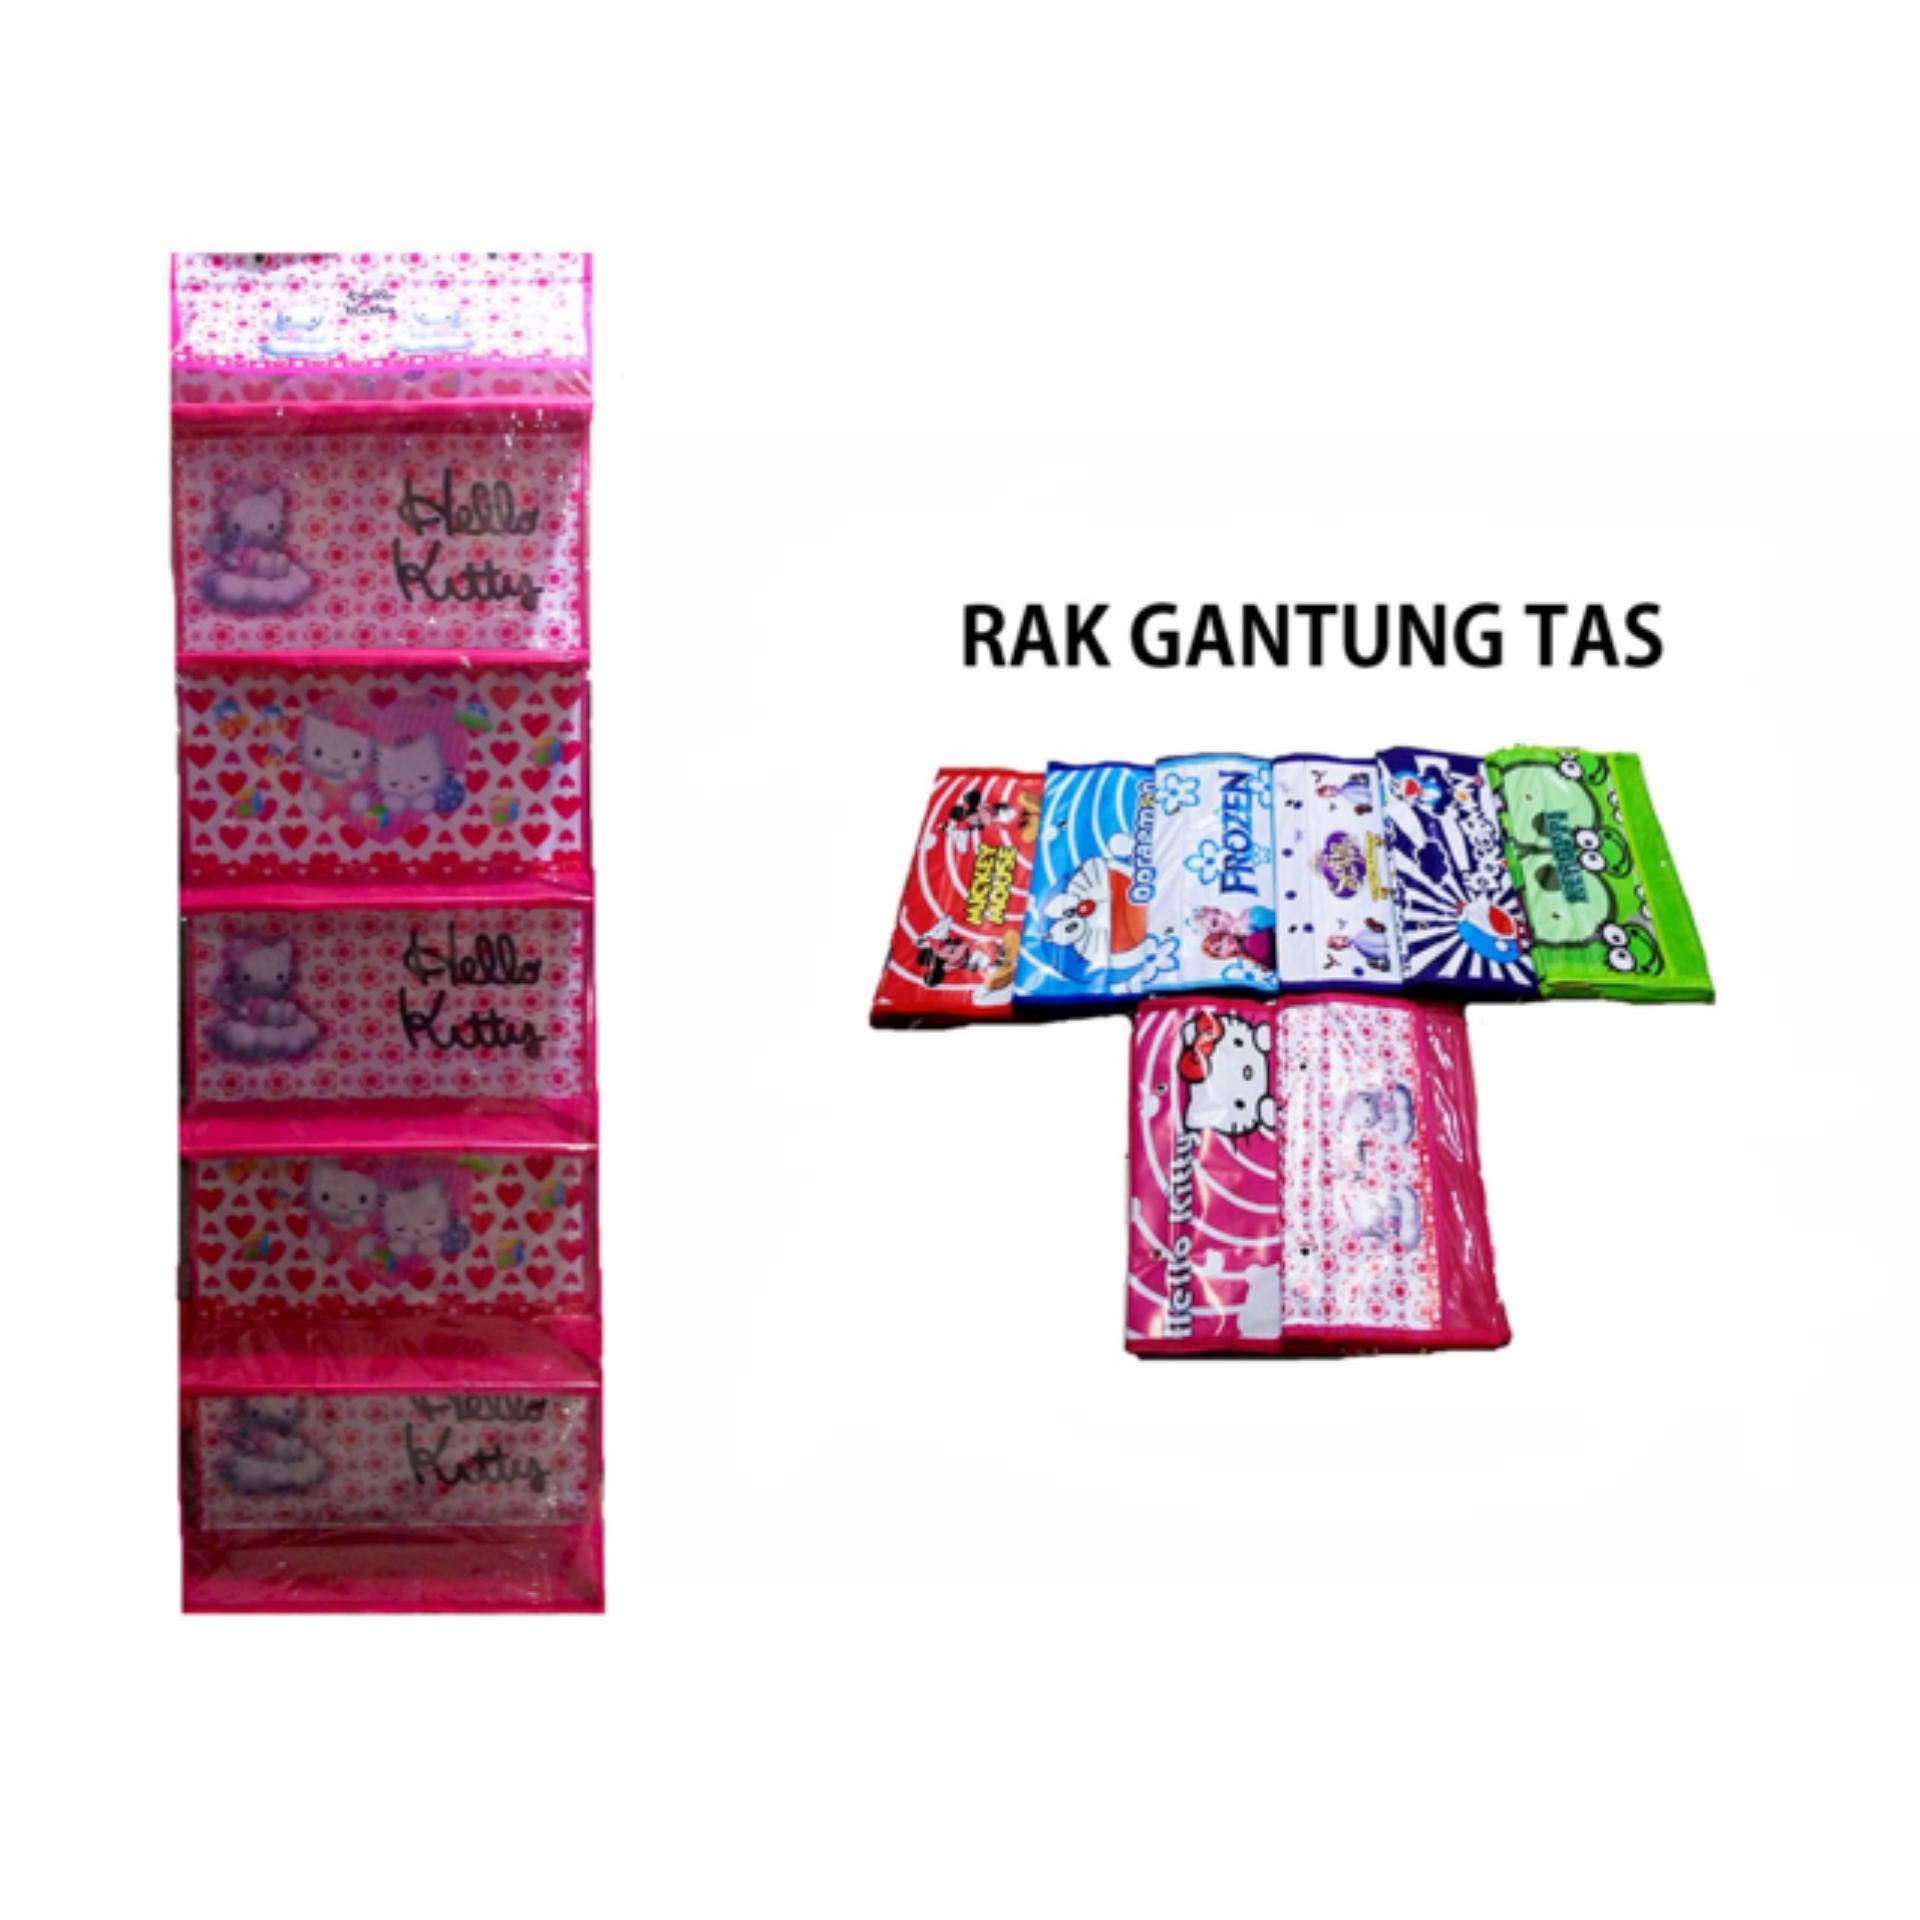 Rak Gantung Tas Resleting - Hanging Bag organizer ( Tidak dapat pilih Motif)